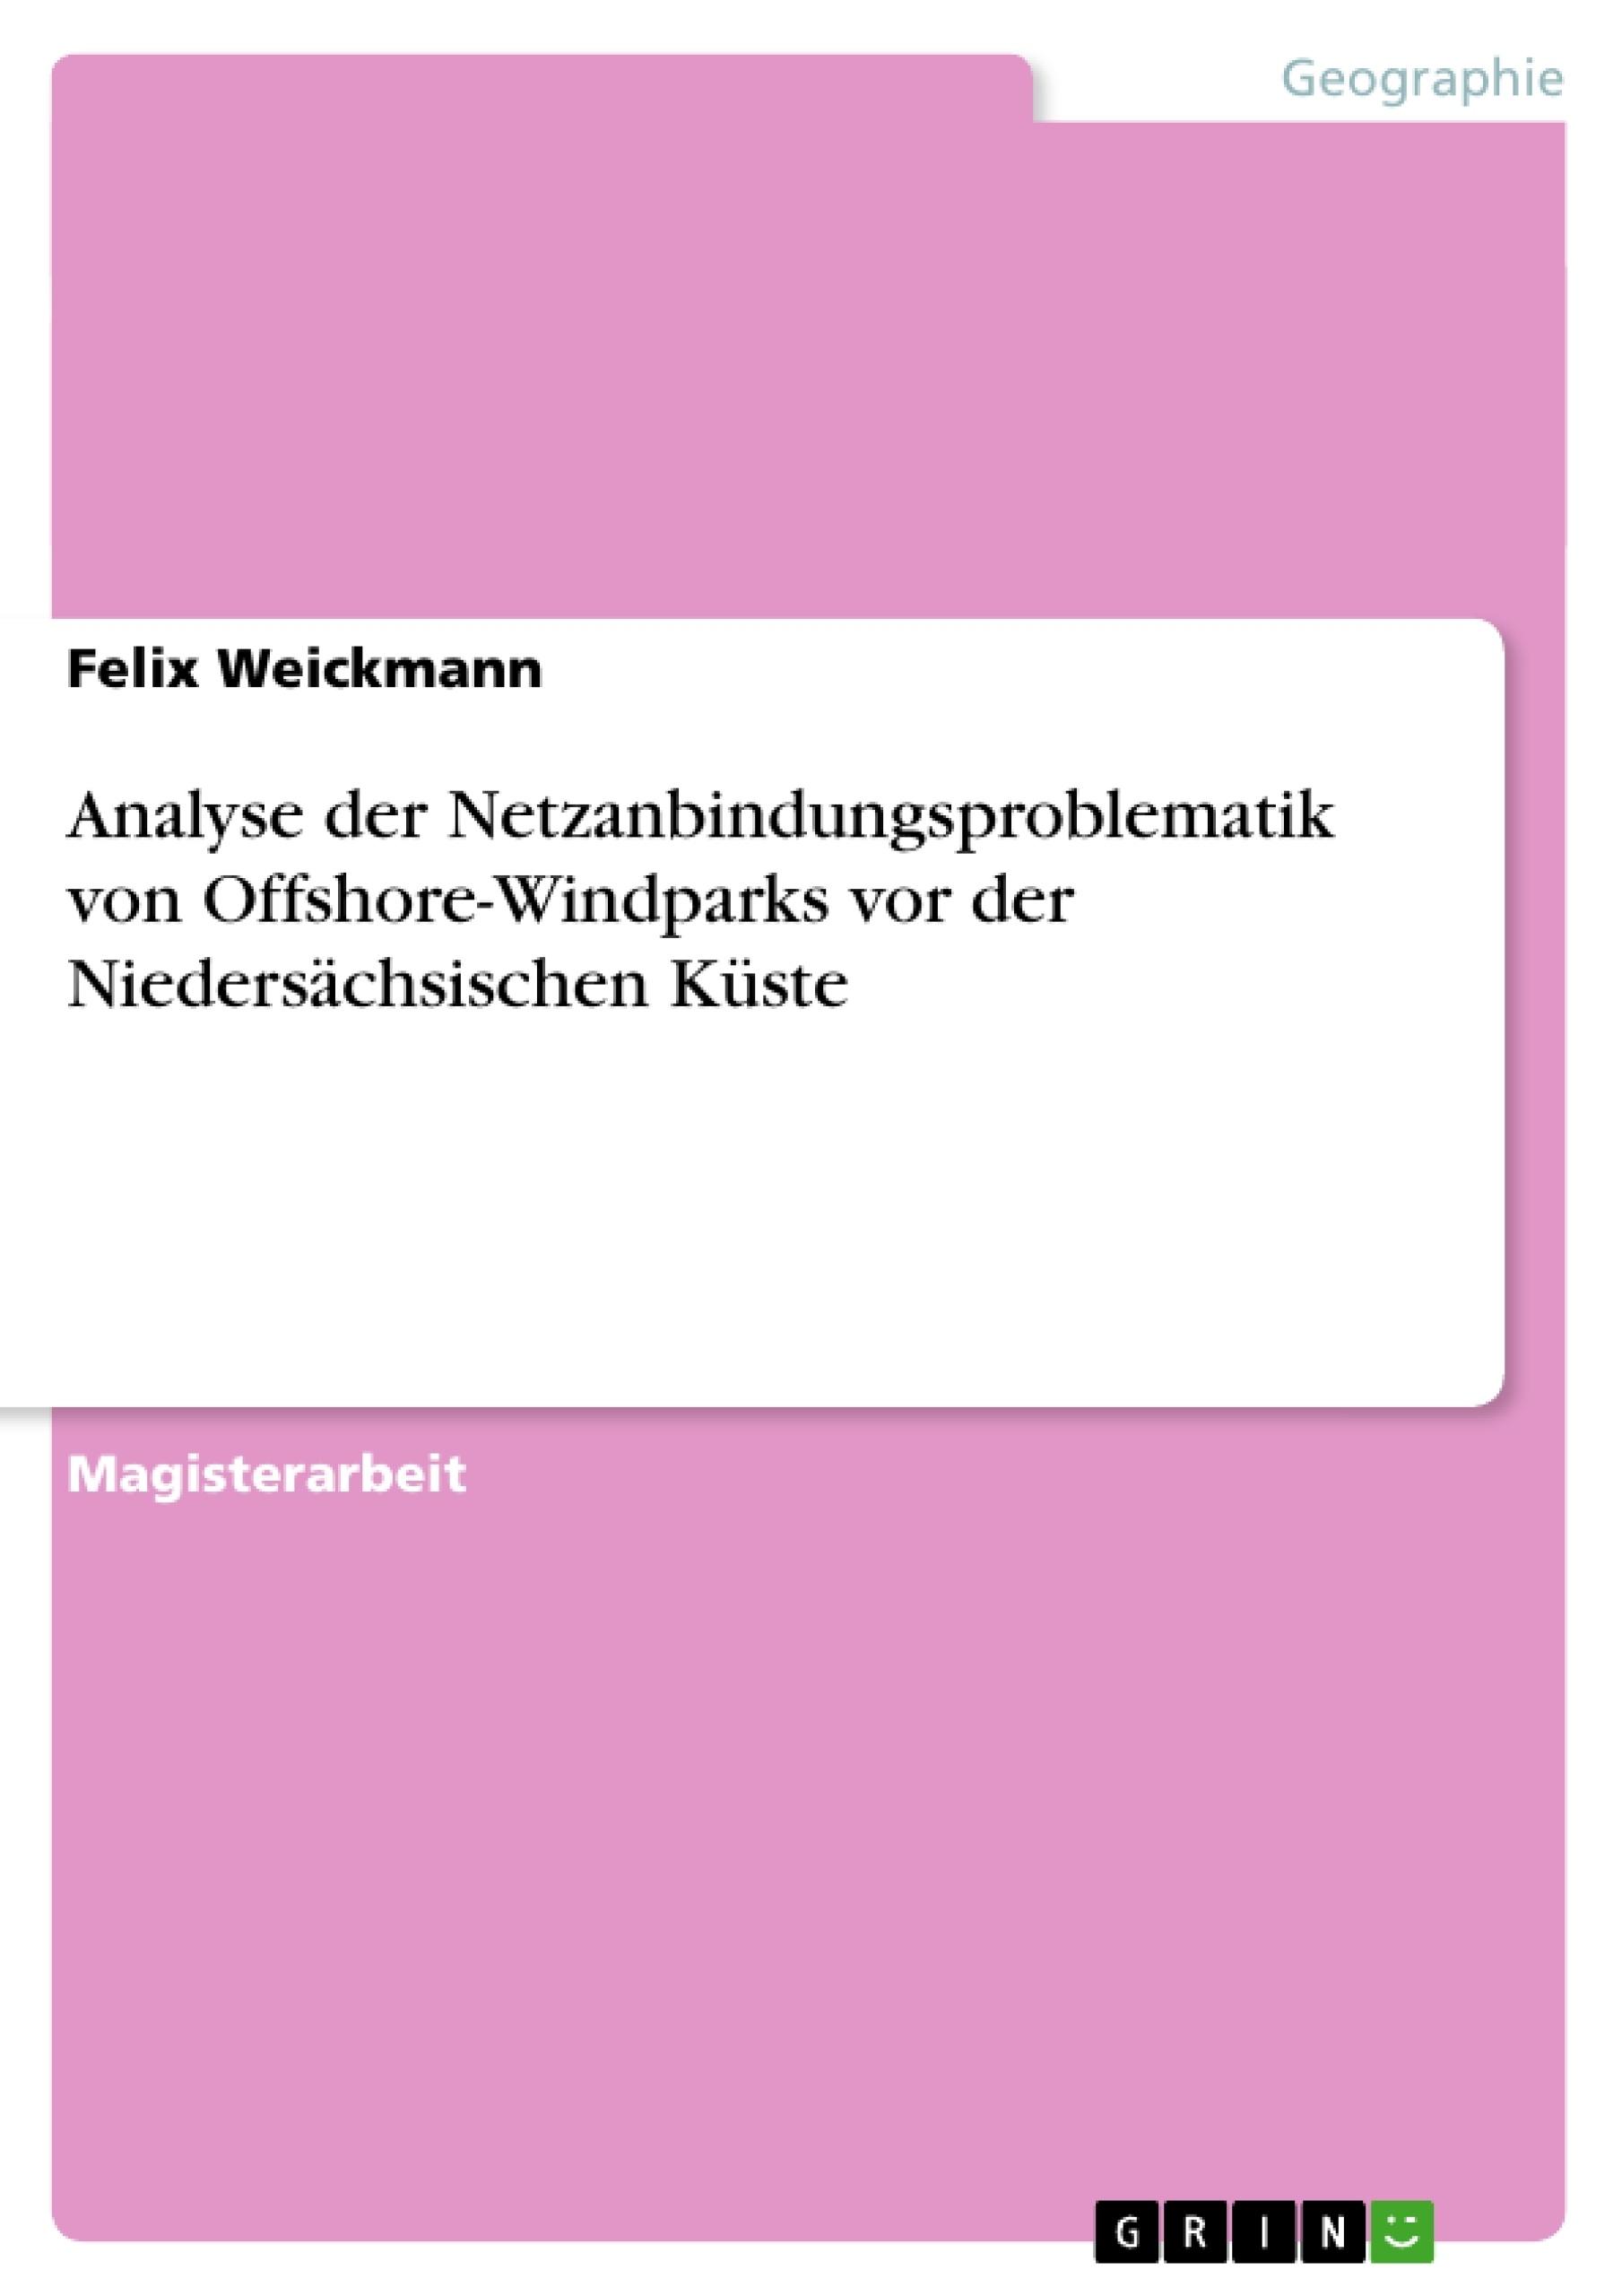 Titel: Analyse der Netzanbindungsproblematik von Offshore-Windparks vor der Niedersächsischen Küste